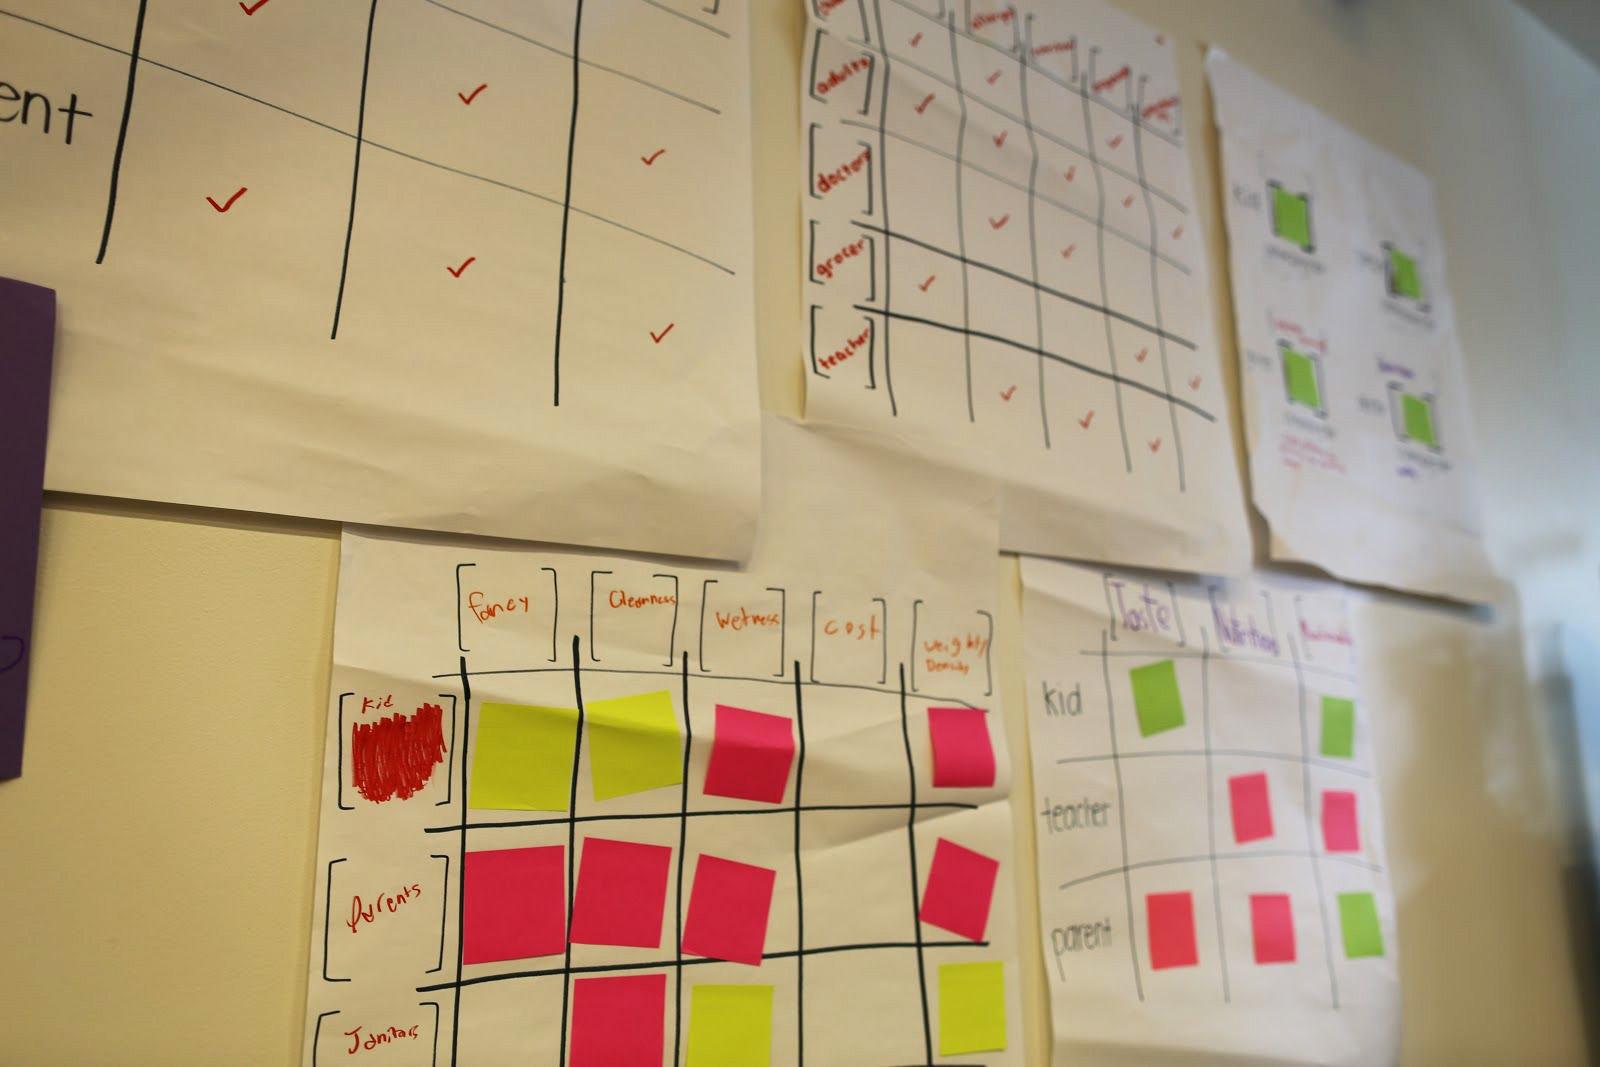 Los estudiantes diseñaron matrices éticas para pensar a través de los interesados en un algoritmo de fabricación de sándwiches y sus valores.